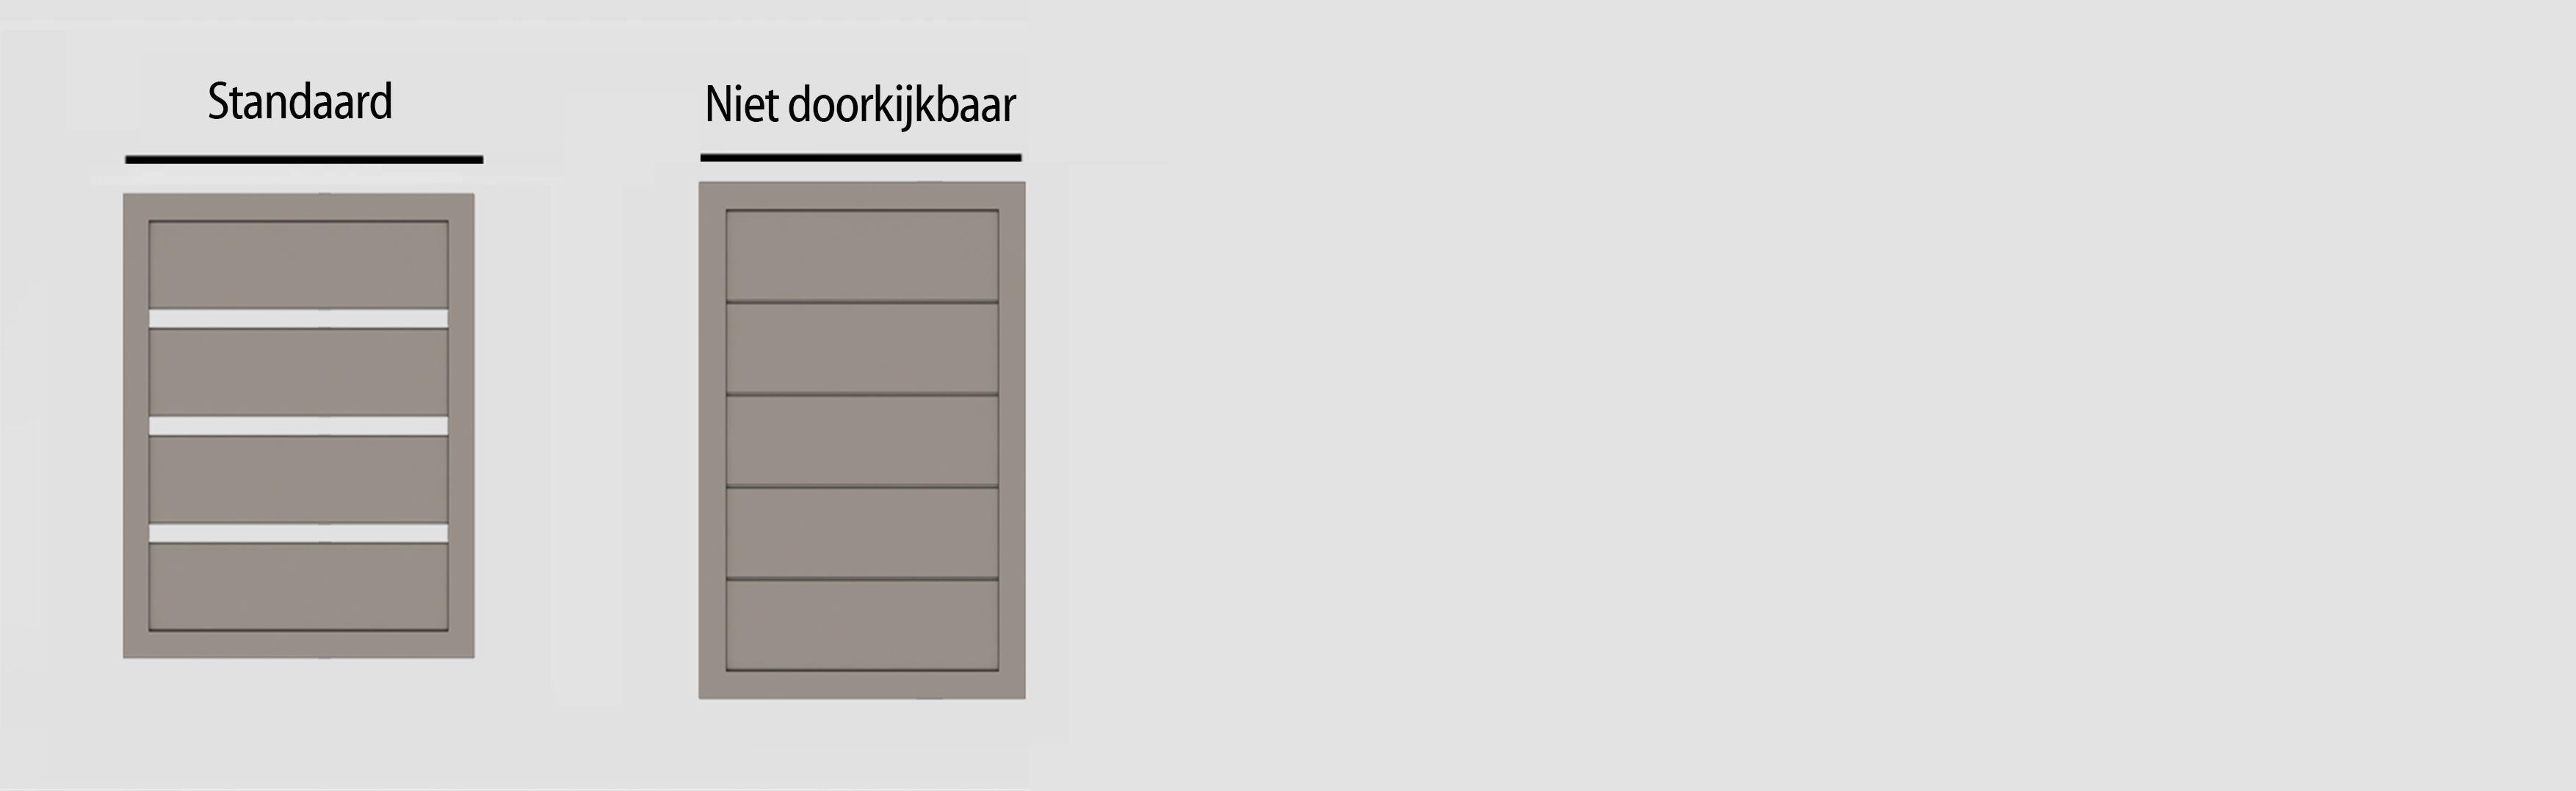 glenfiddichl schema - Poorten en hekwerk - model Glenfiddich L